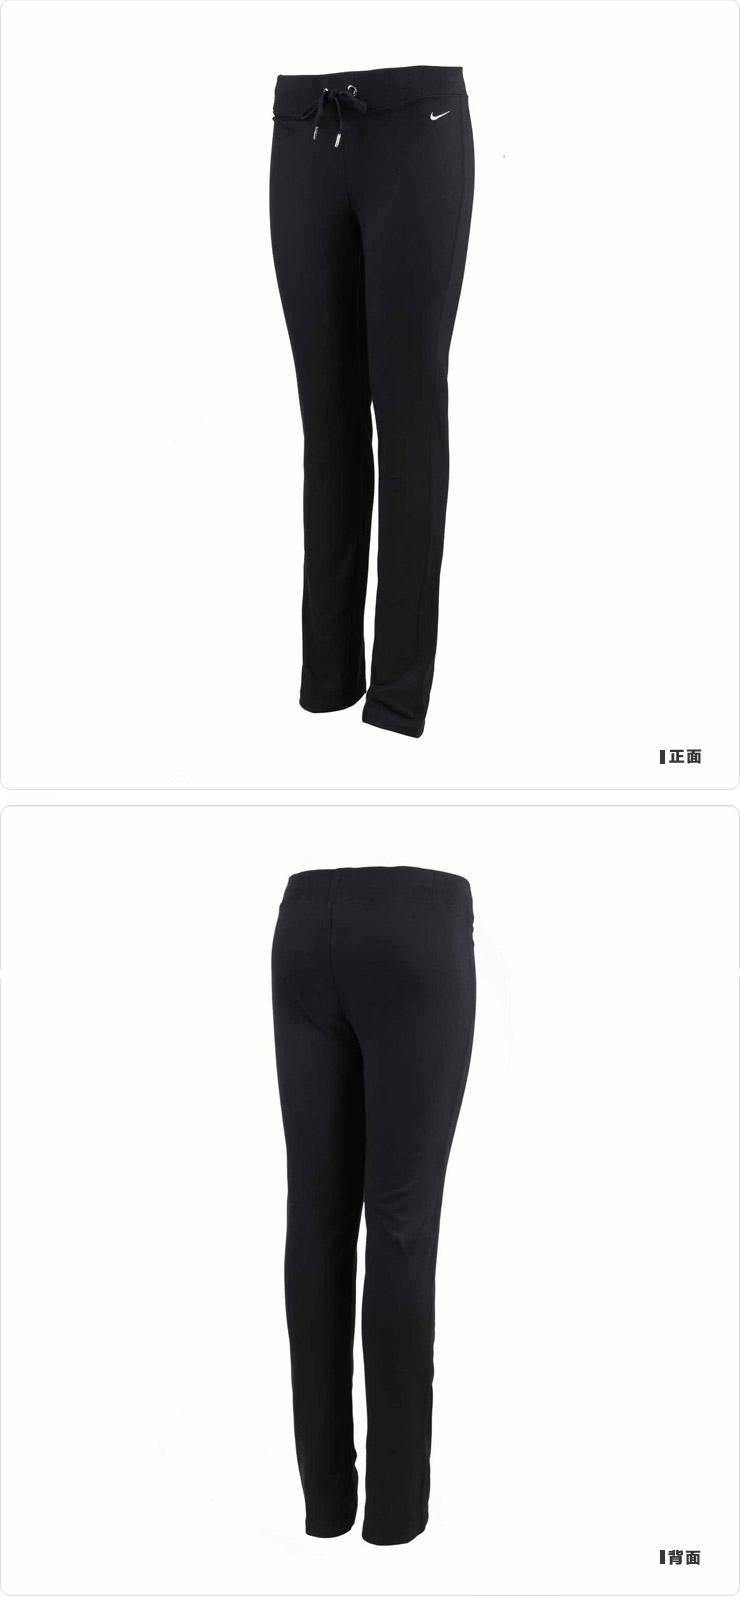 耐克nike 2013新款 女裤运动长裤 运动裤 528915 010